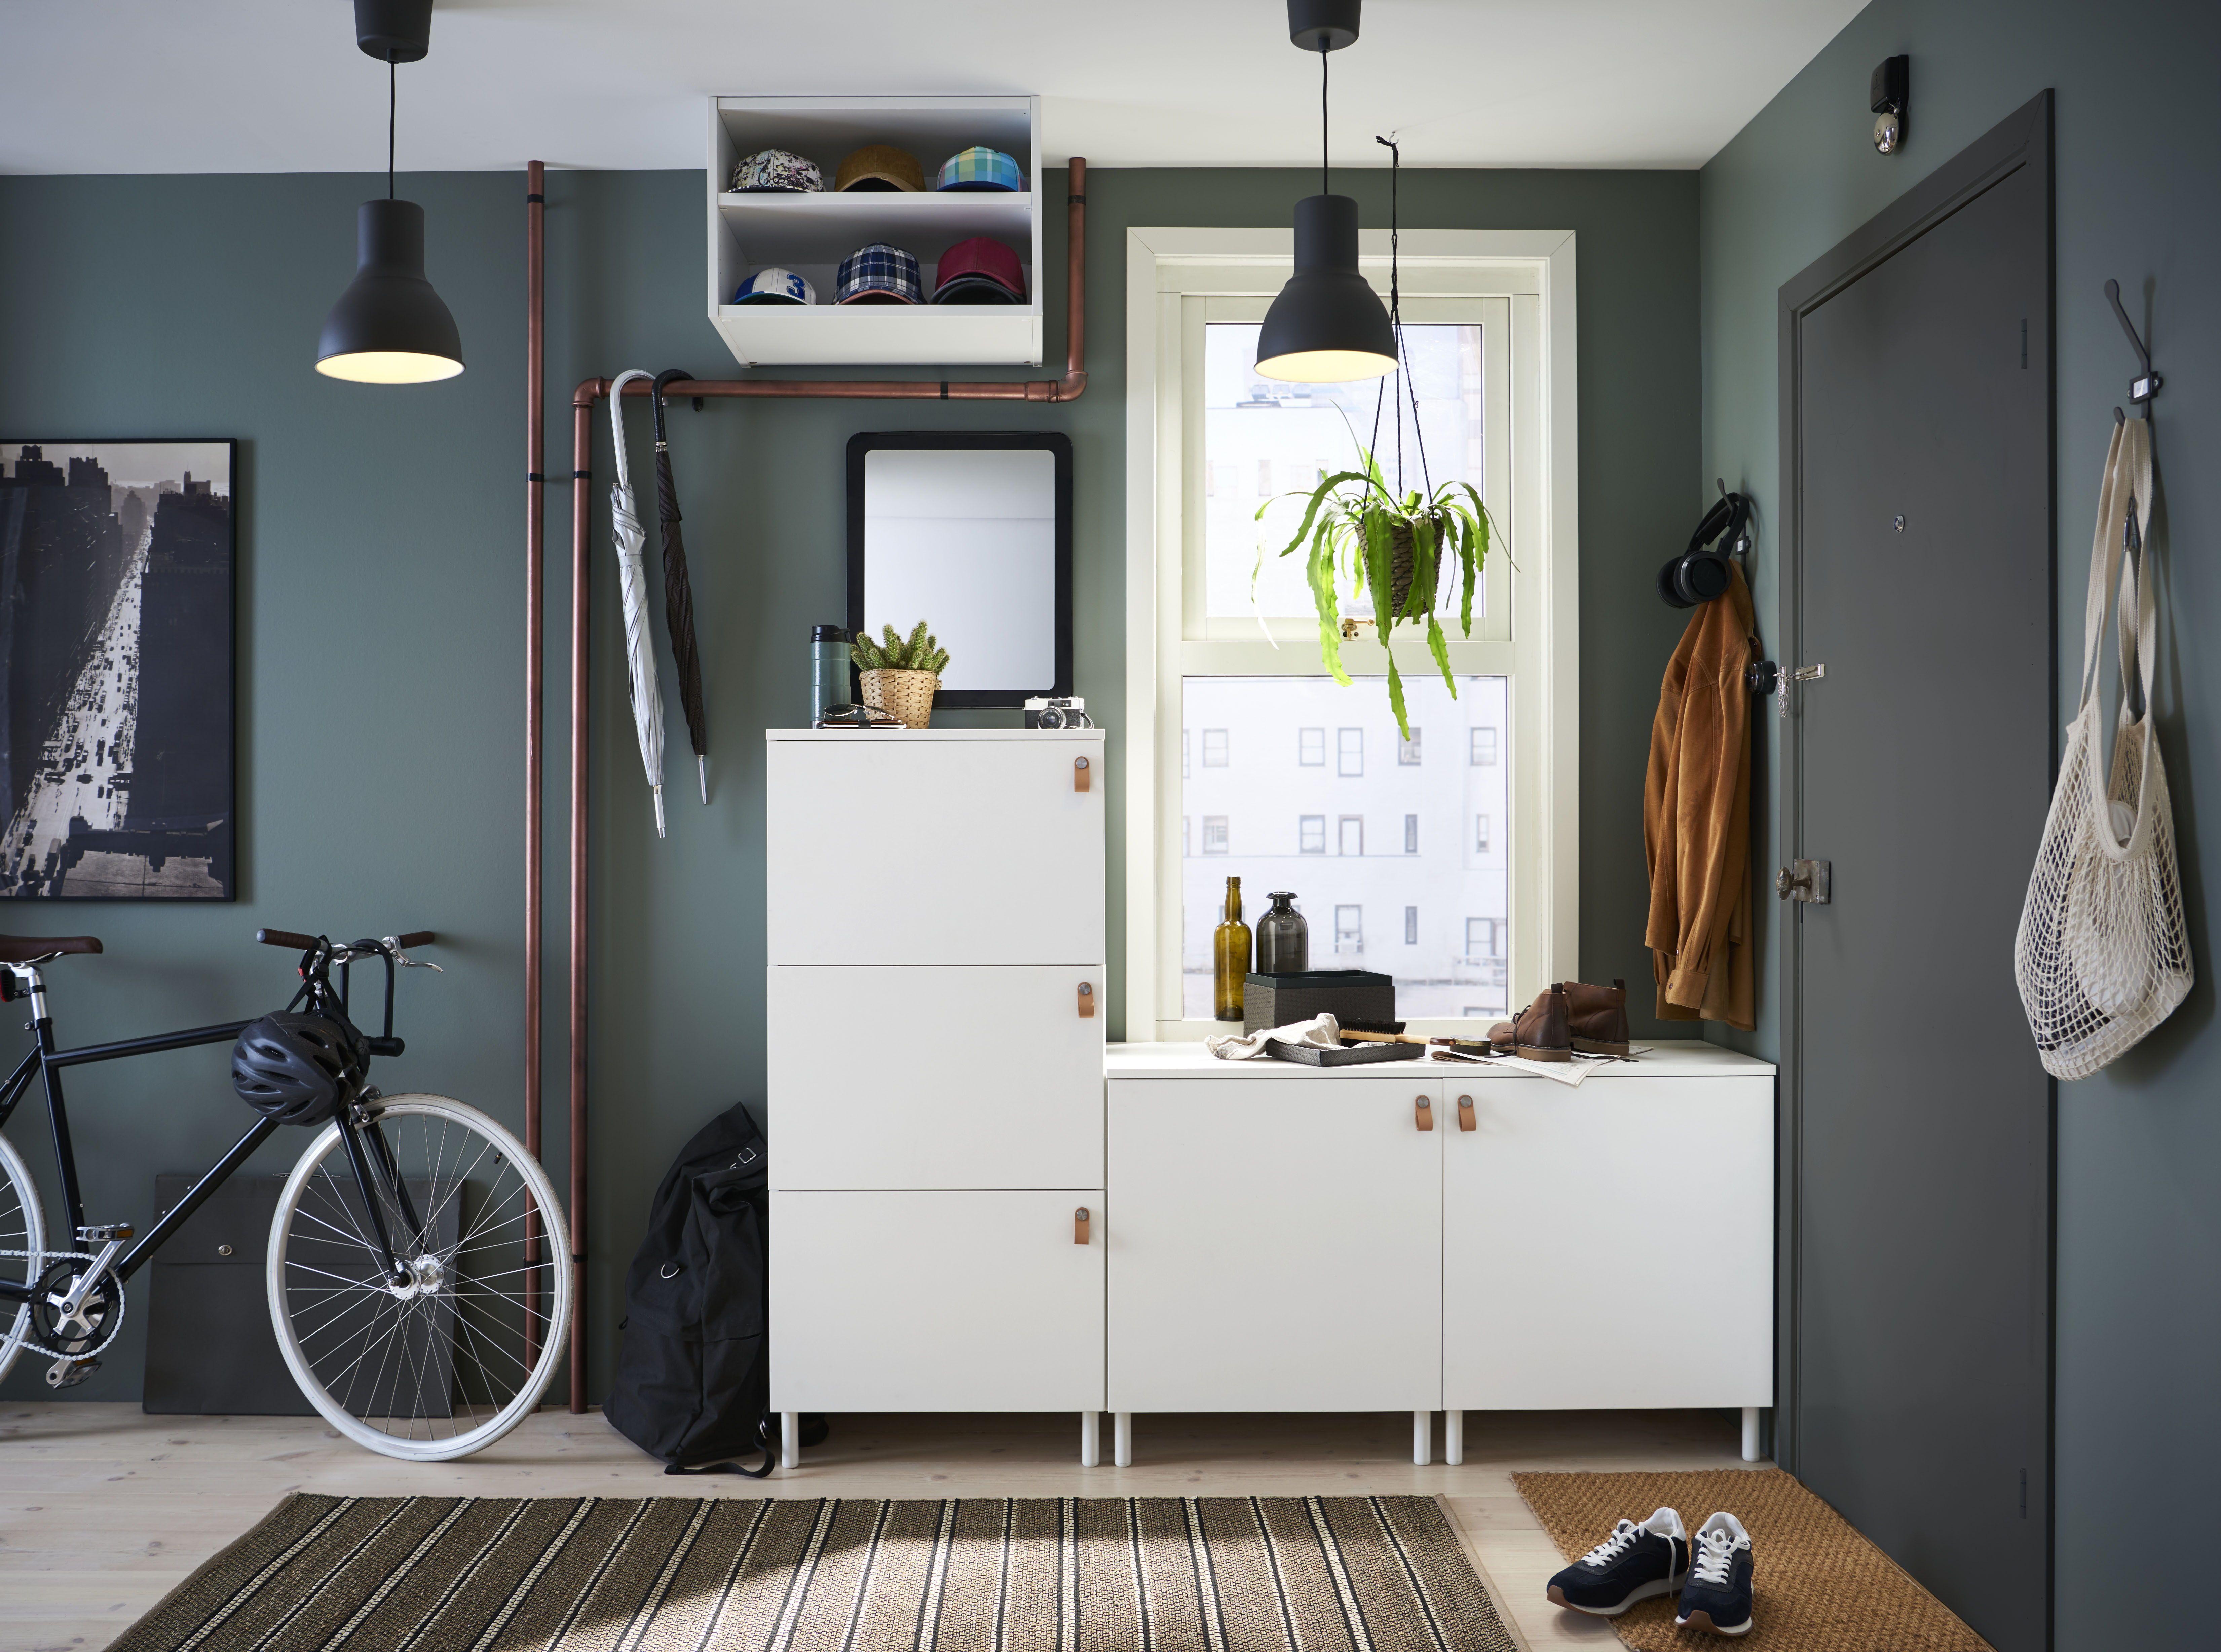 Kastenwand Met Spiegels.Platsa Kledingkast Ikea Ikeanl Ikeanederland Inspiratie